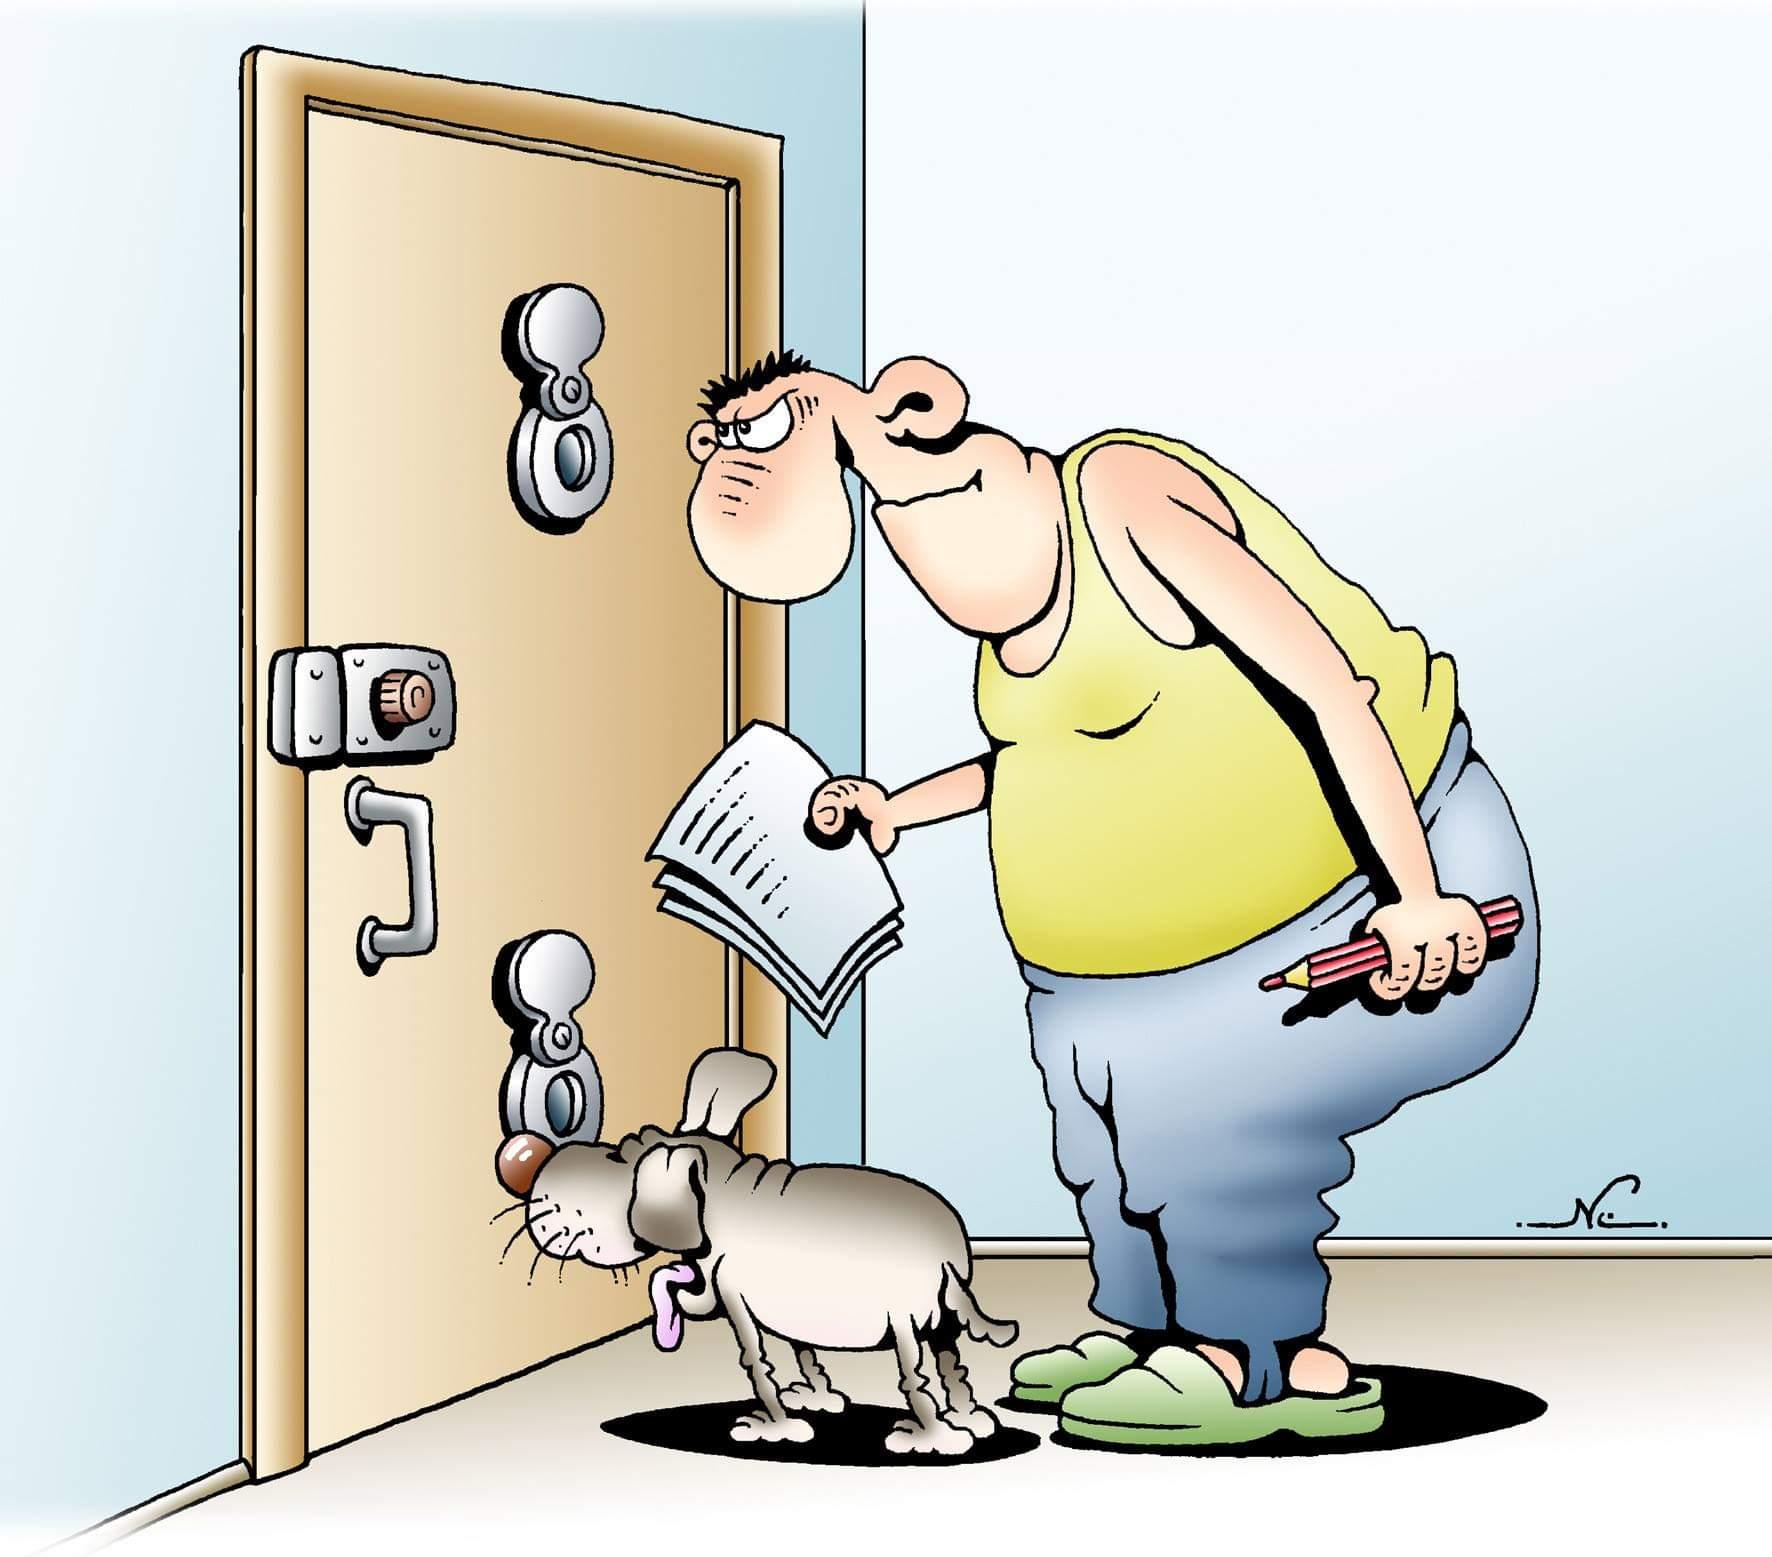 Дверь смешная картинка, войне картинки